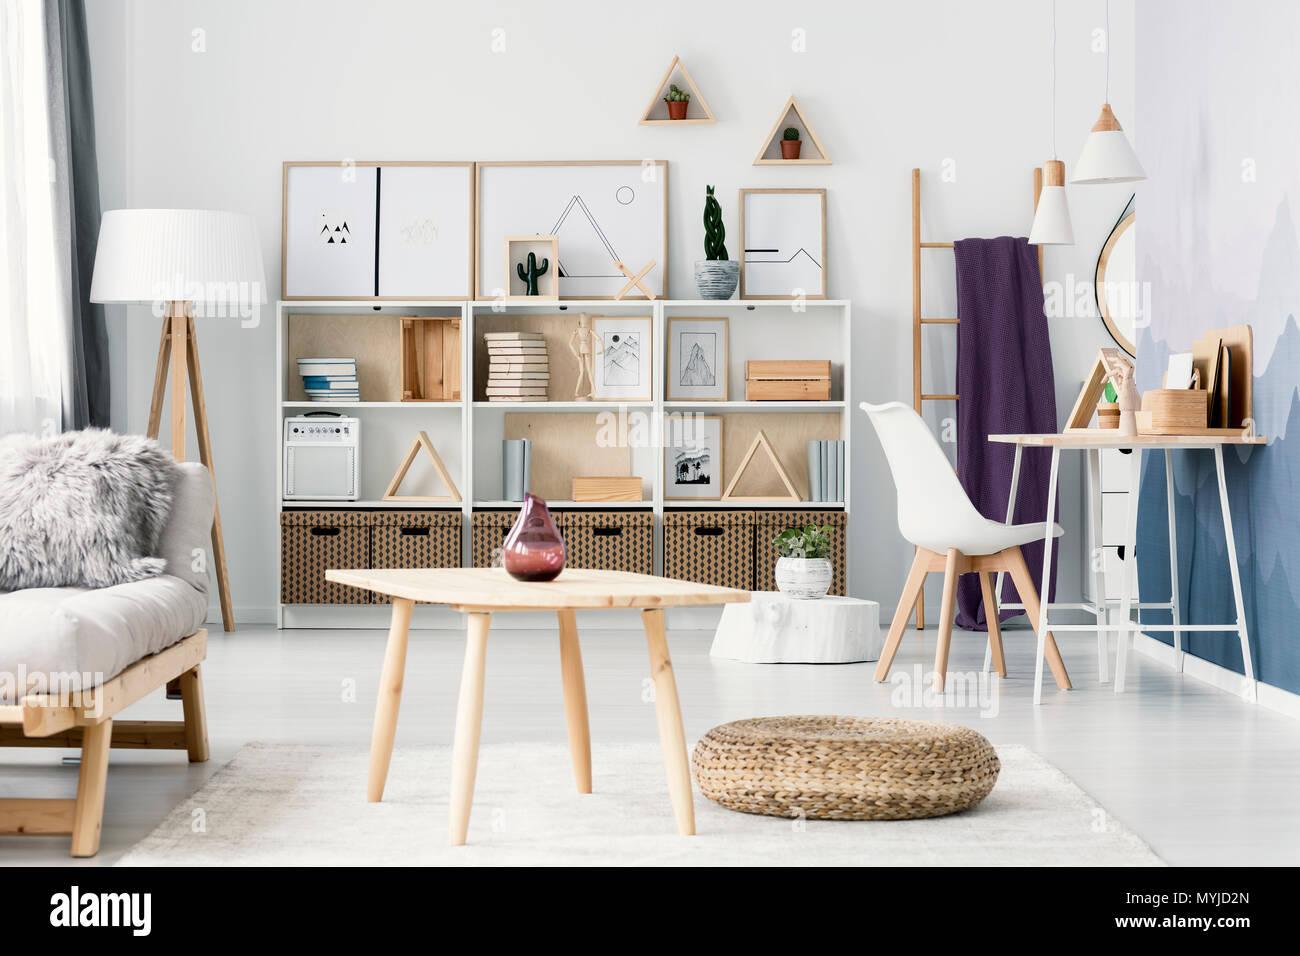 Pouf à côté d'une table en bois dans un espace libre intérieur avec chaise blanche au bureau et affiches sur le mur Photo Stock